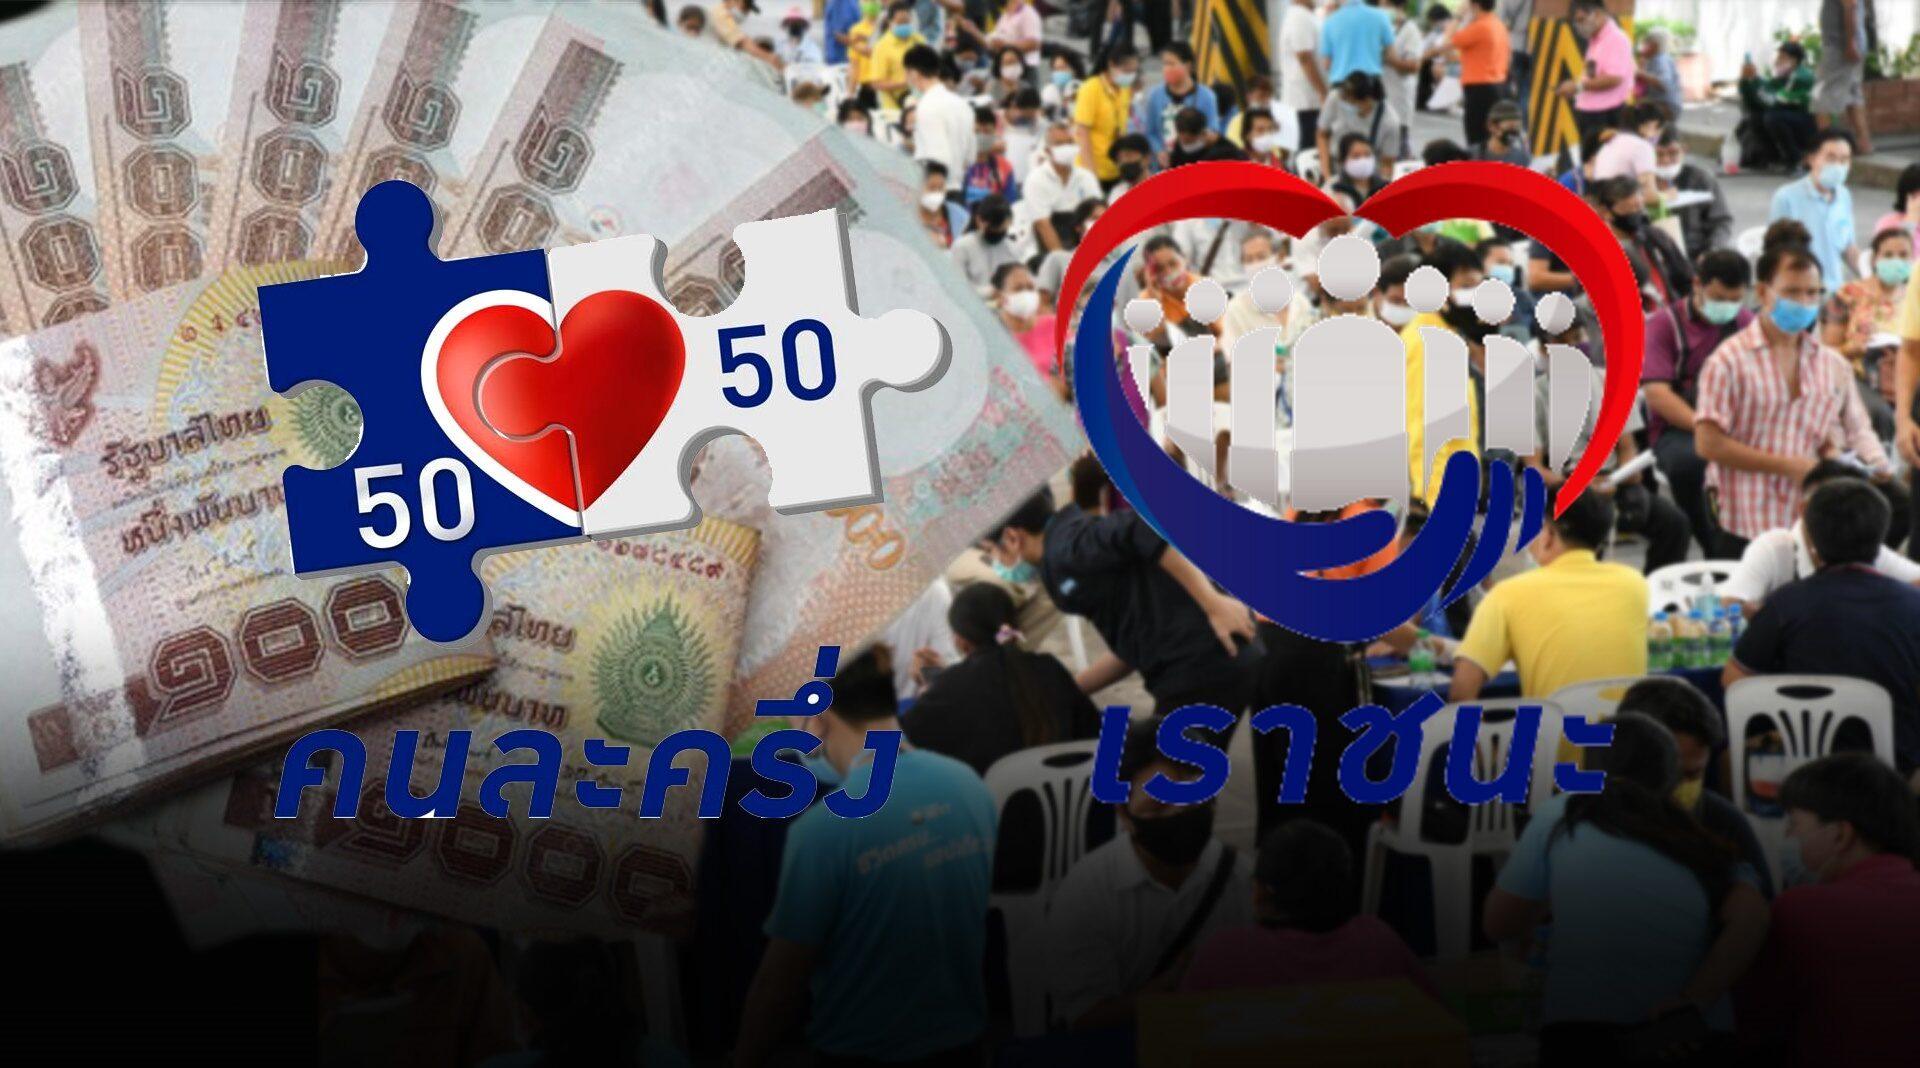 สรุป 6 มาตรการ เยียวยาโควิด ครม. แจก คนละครึ่ง-เราชนะ-เรารักกัน-บัตรสวัสดิการ พร้อมลดค่าน้ำ-ค่าไฟ